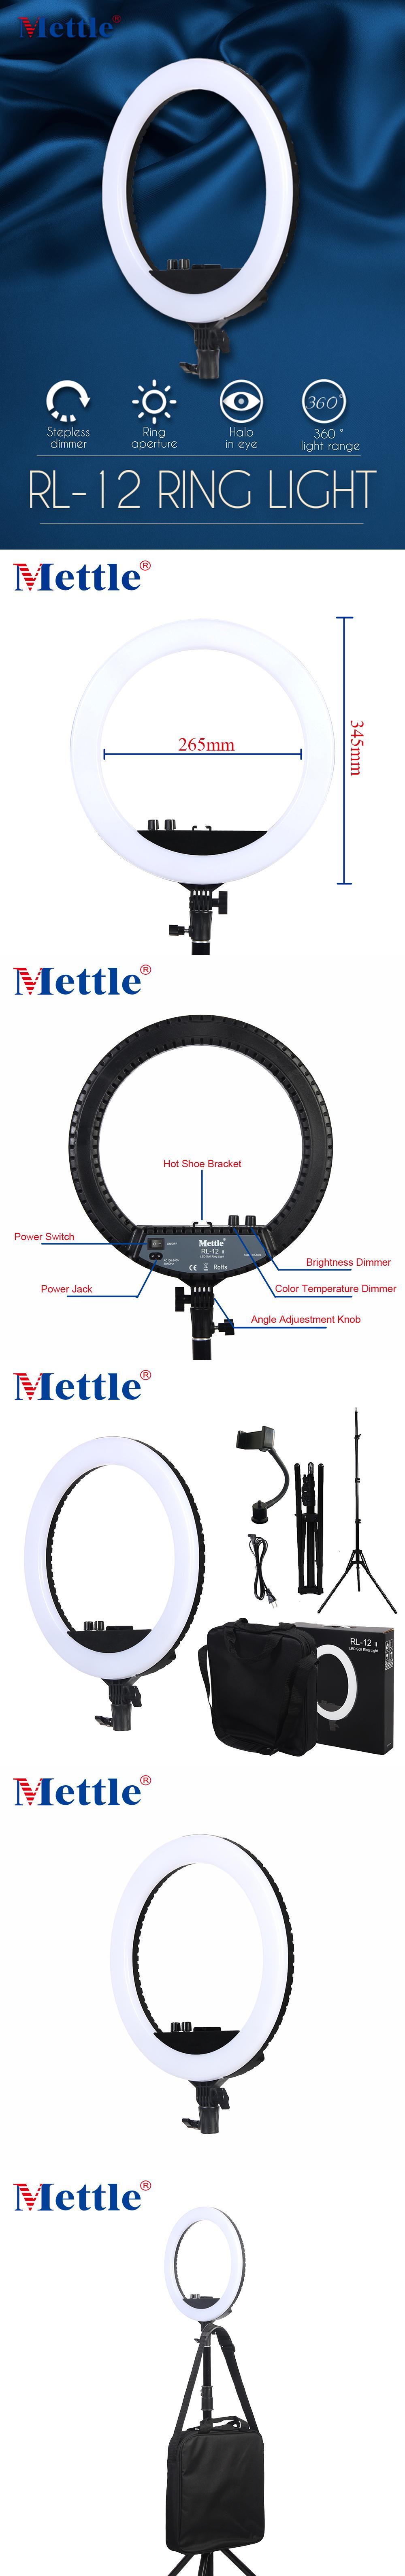 circle ring light